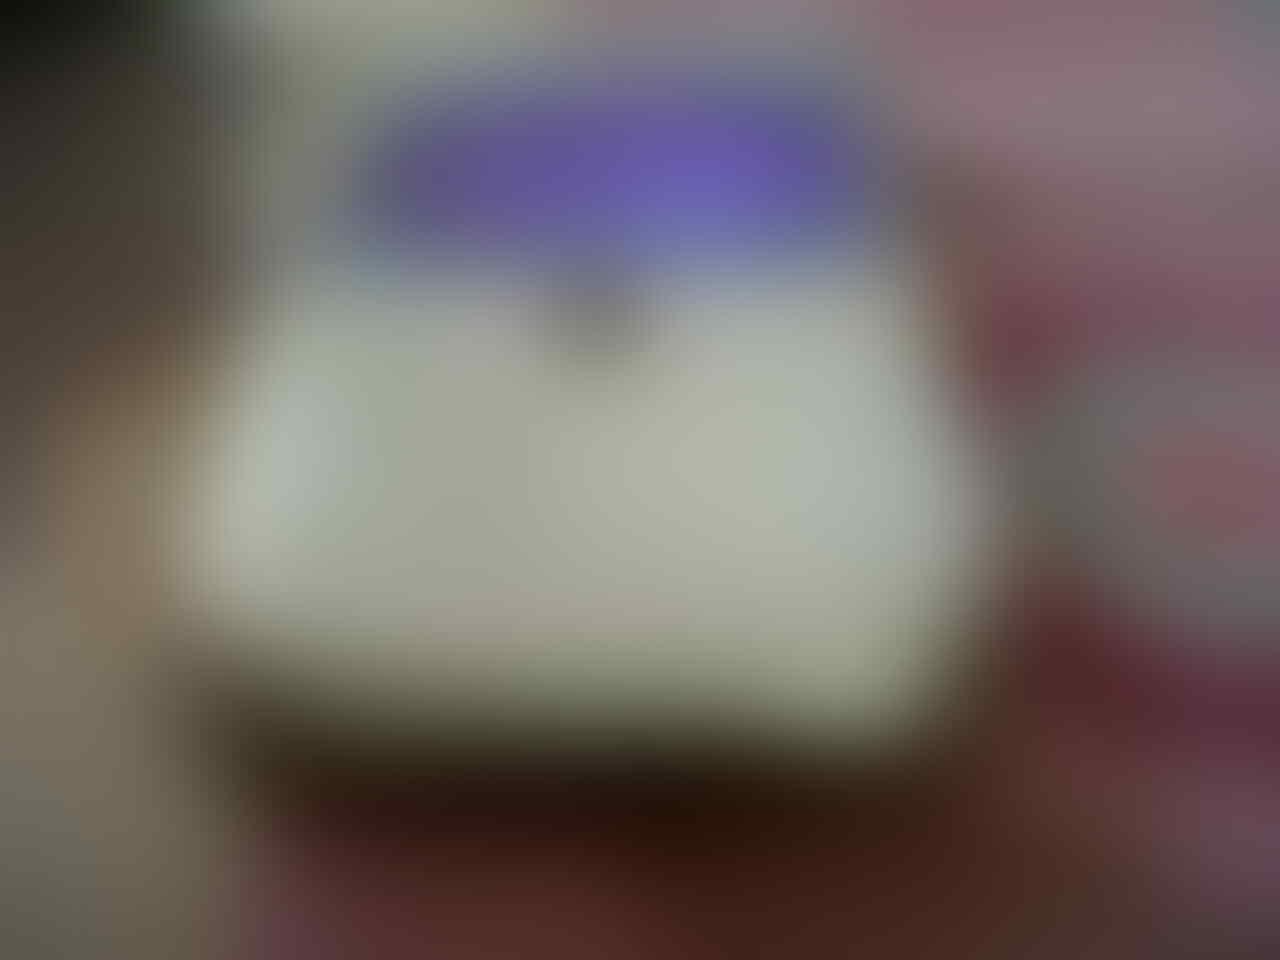 blackberry 9780 aka onyx 2 white murah garansi resmi TAM